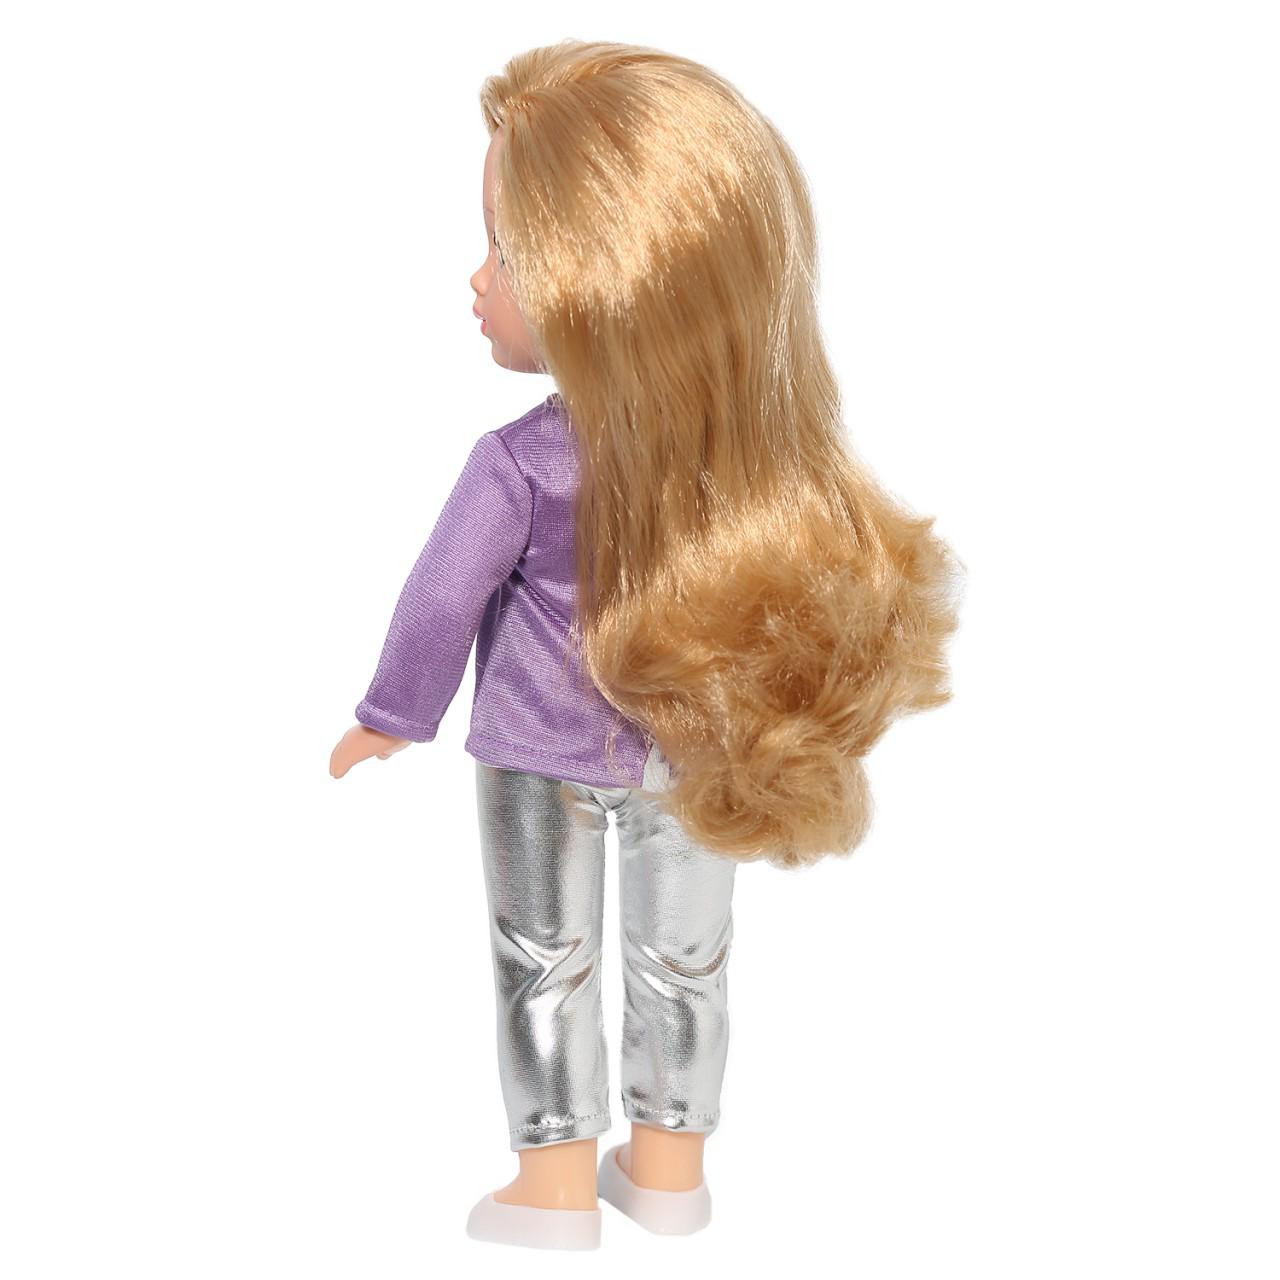 Кукла Алла Модница-2 35см, Весна - фото 2